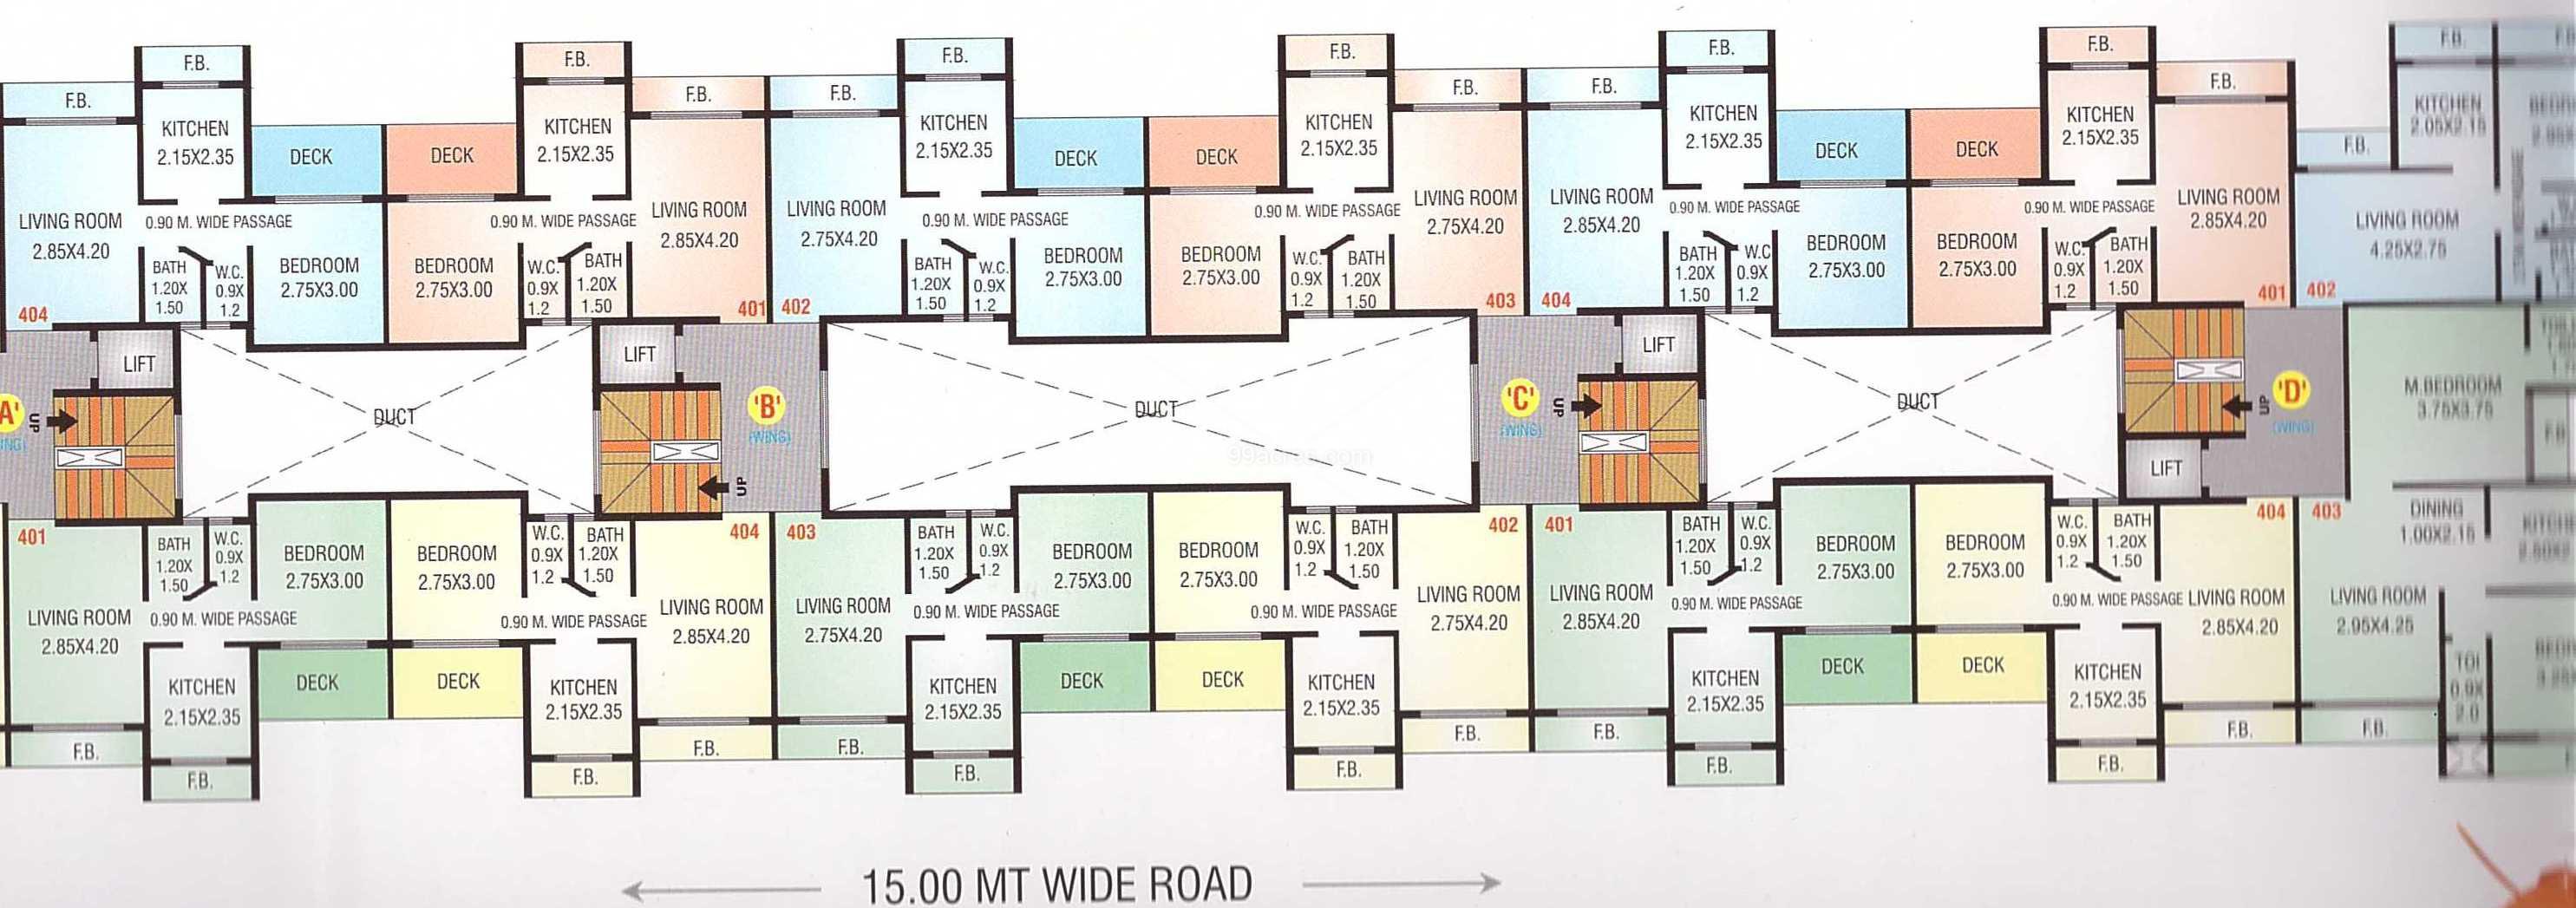 Apartment Complex Floor Plans Gurus Floor